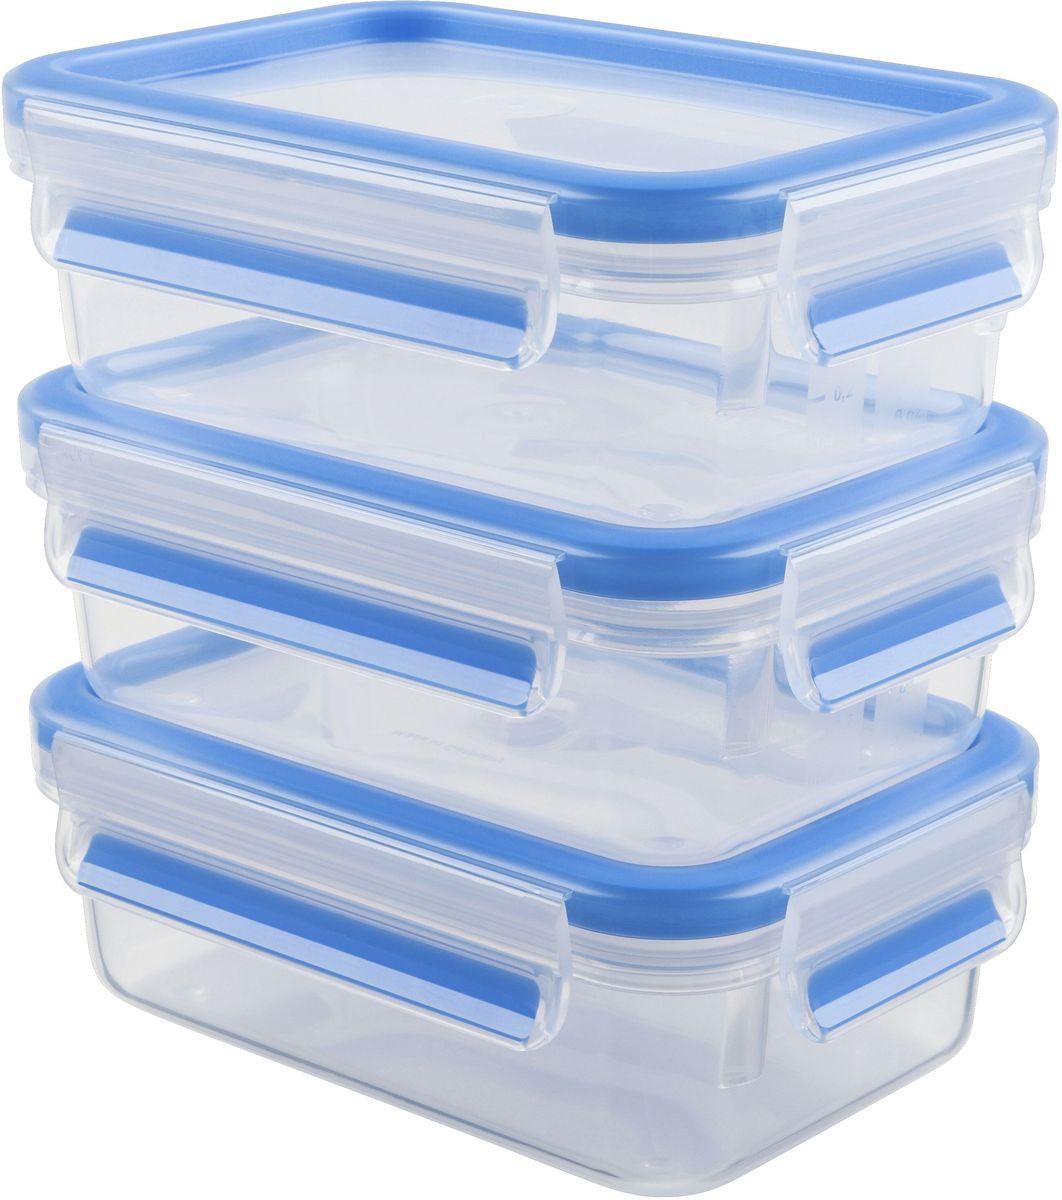 Набор контейнеров Emsa Clip&Close, цвет: голубой, прозрачный, 3 предмета, 550 млVT-1520(SR)Набор Emsa Clip&Close состоит из трех контейнеров одинакового объема, изготовленных из высококачественного пищевого пластика, который выдерживает температуру от -40°С до +110°С, не впитывает запахи и не изменяет цвет. Это абсолютно гигиеничный продукт, который подходит для хранения даже детского питания. Изделия снабжены крышками, плотно закрывающимися на 4 защелки. Герметичность достигается за счет специальных силиконовых прослоек, которые позволяют использовать контейнер для хранения не только пищи, но и напитков. В таком контейнере продукты долгое время сохраняют свою свежесть. Прозрачные стенки позволяют просматривать содержимое. Сбоку имеются отметки литража. Изделия подходят для домашнего использования, для пикников, поездок, такие контейнеры удобно брать с собой на работу или учебу. Можно использовать в СВЧ-печах, холодильниках, посудомоечных машинах, морозильных камерах. Объем контейнеров: 0,55 л.